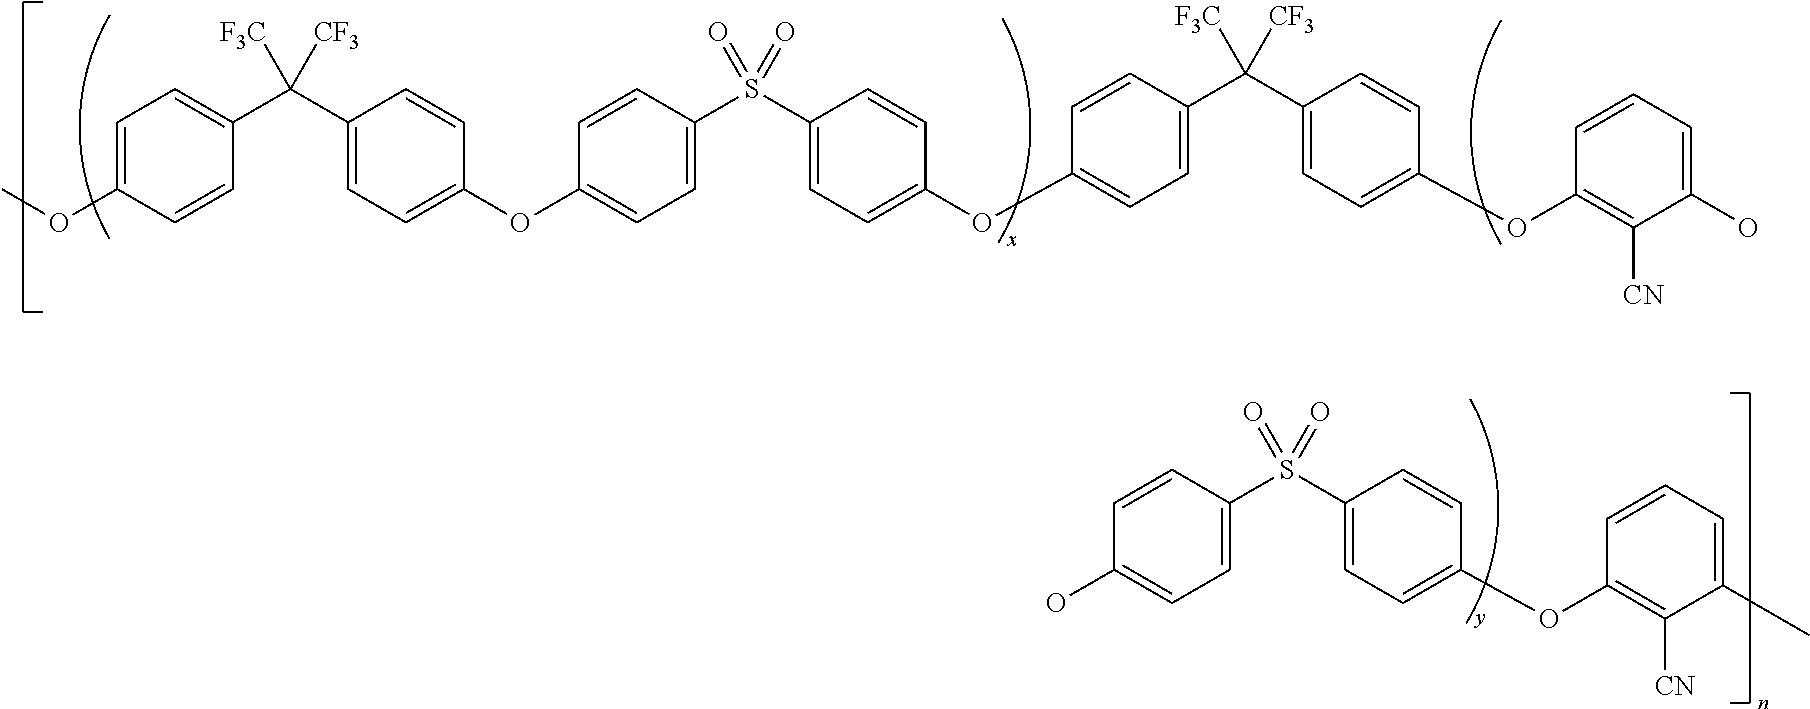 Figure US07977451-20110712-C00012